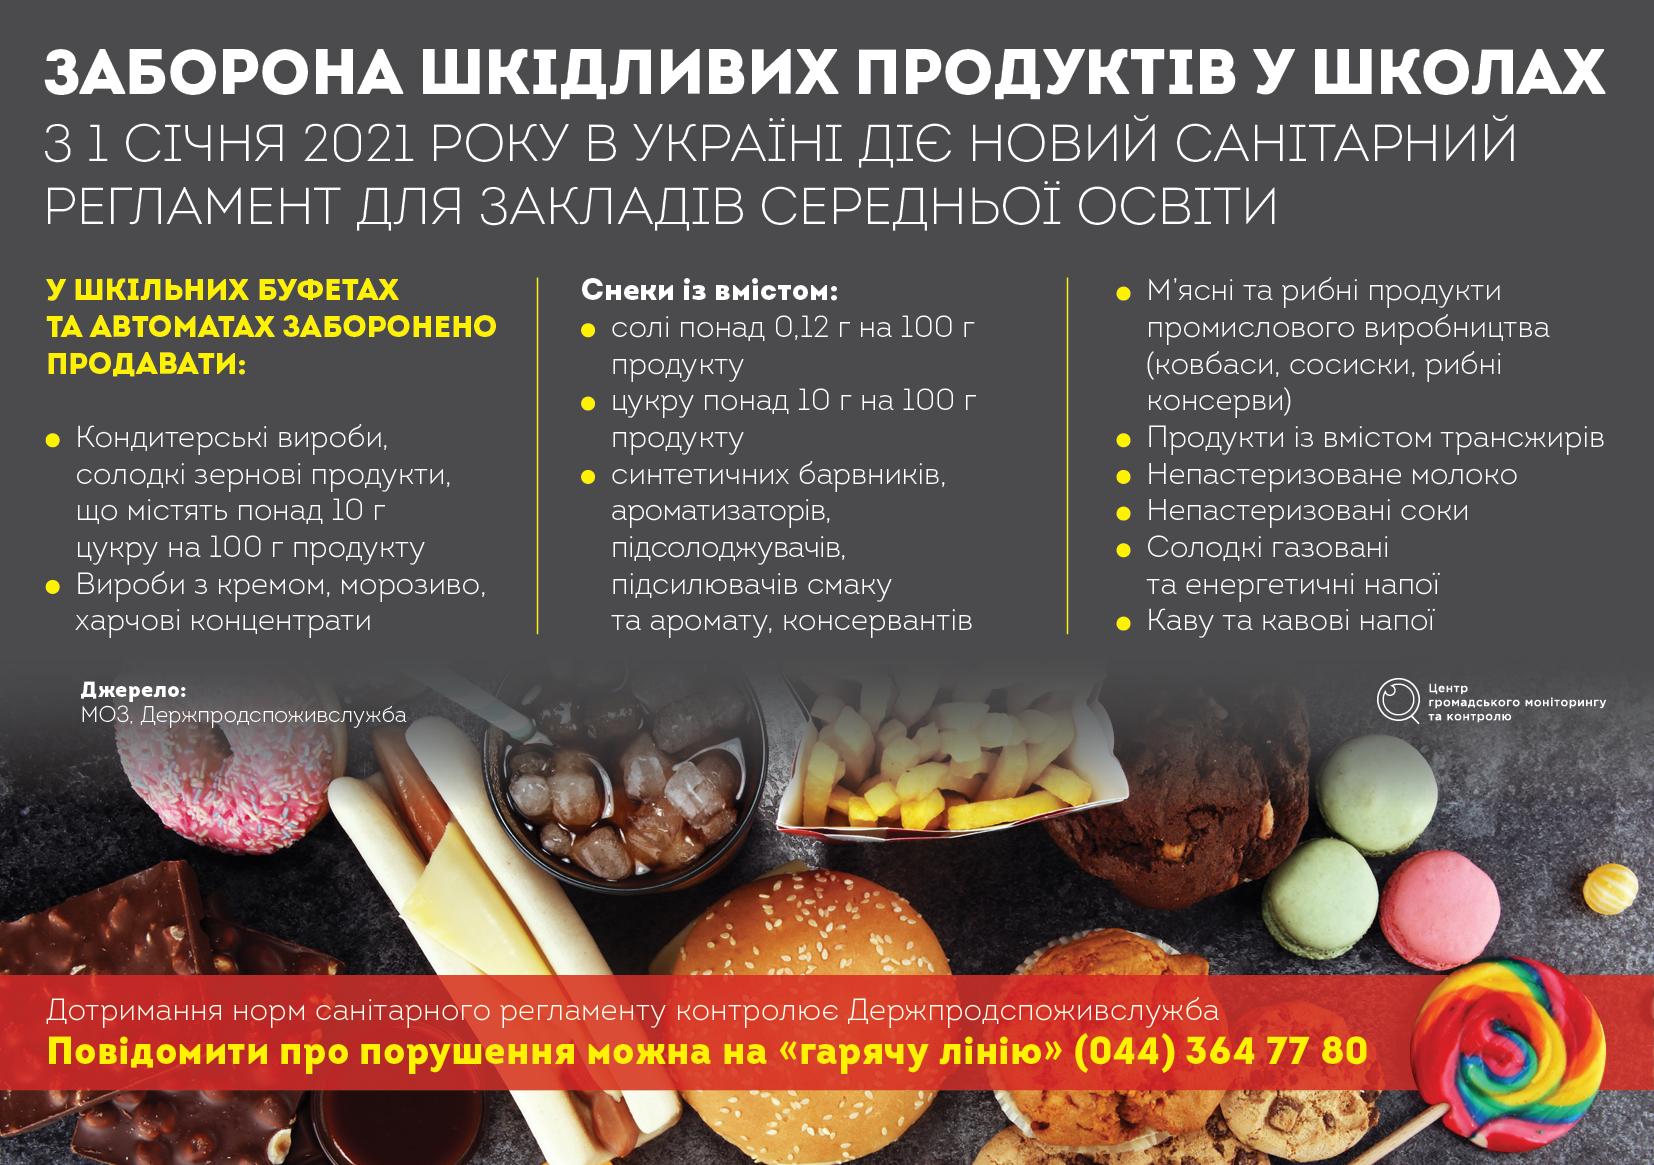 Шкільне харчування: на підході - здорове меню - Освіта, здорове харчування, Держпродспоживслужба - SHKIDLYVI Produkty